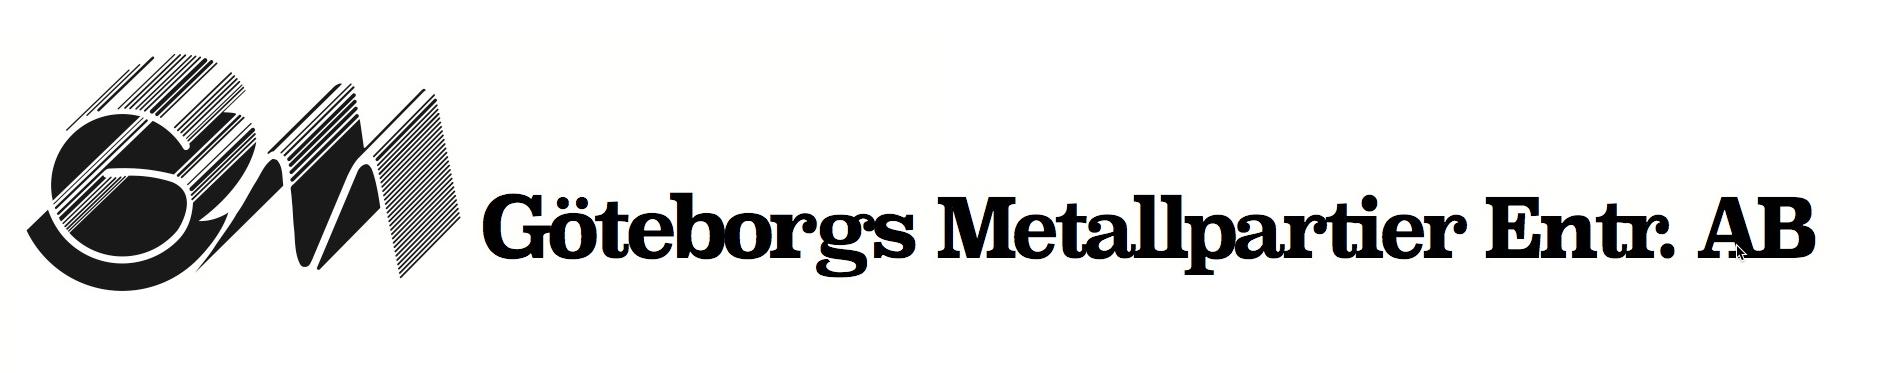 Göteborgs Metallpartier AB – Dörrar, Fönster, Fasader och glastak.